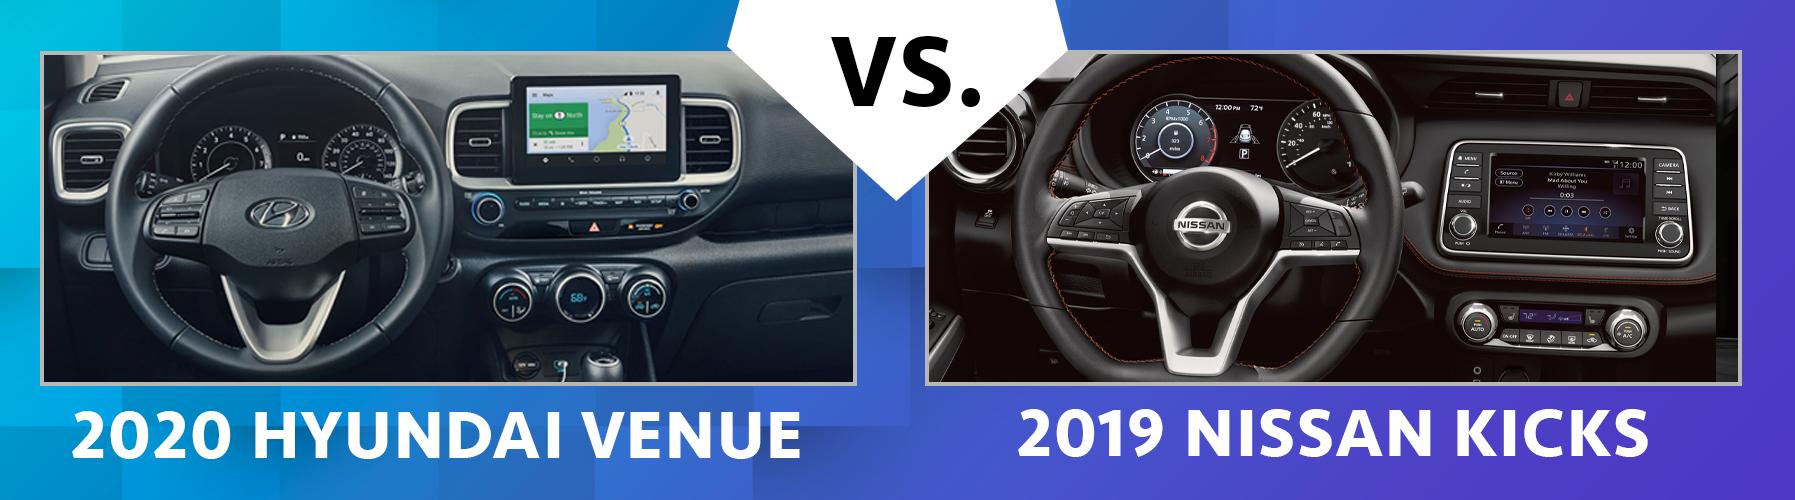 Compare 2020 Hyundai Venue vs 2019 Nissan Kicks Chicago IL